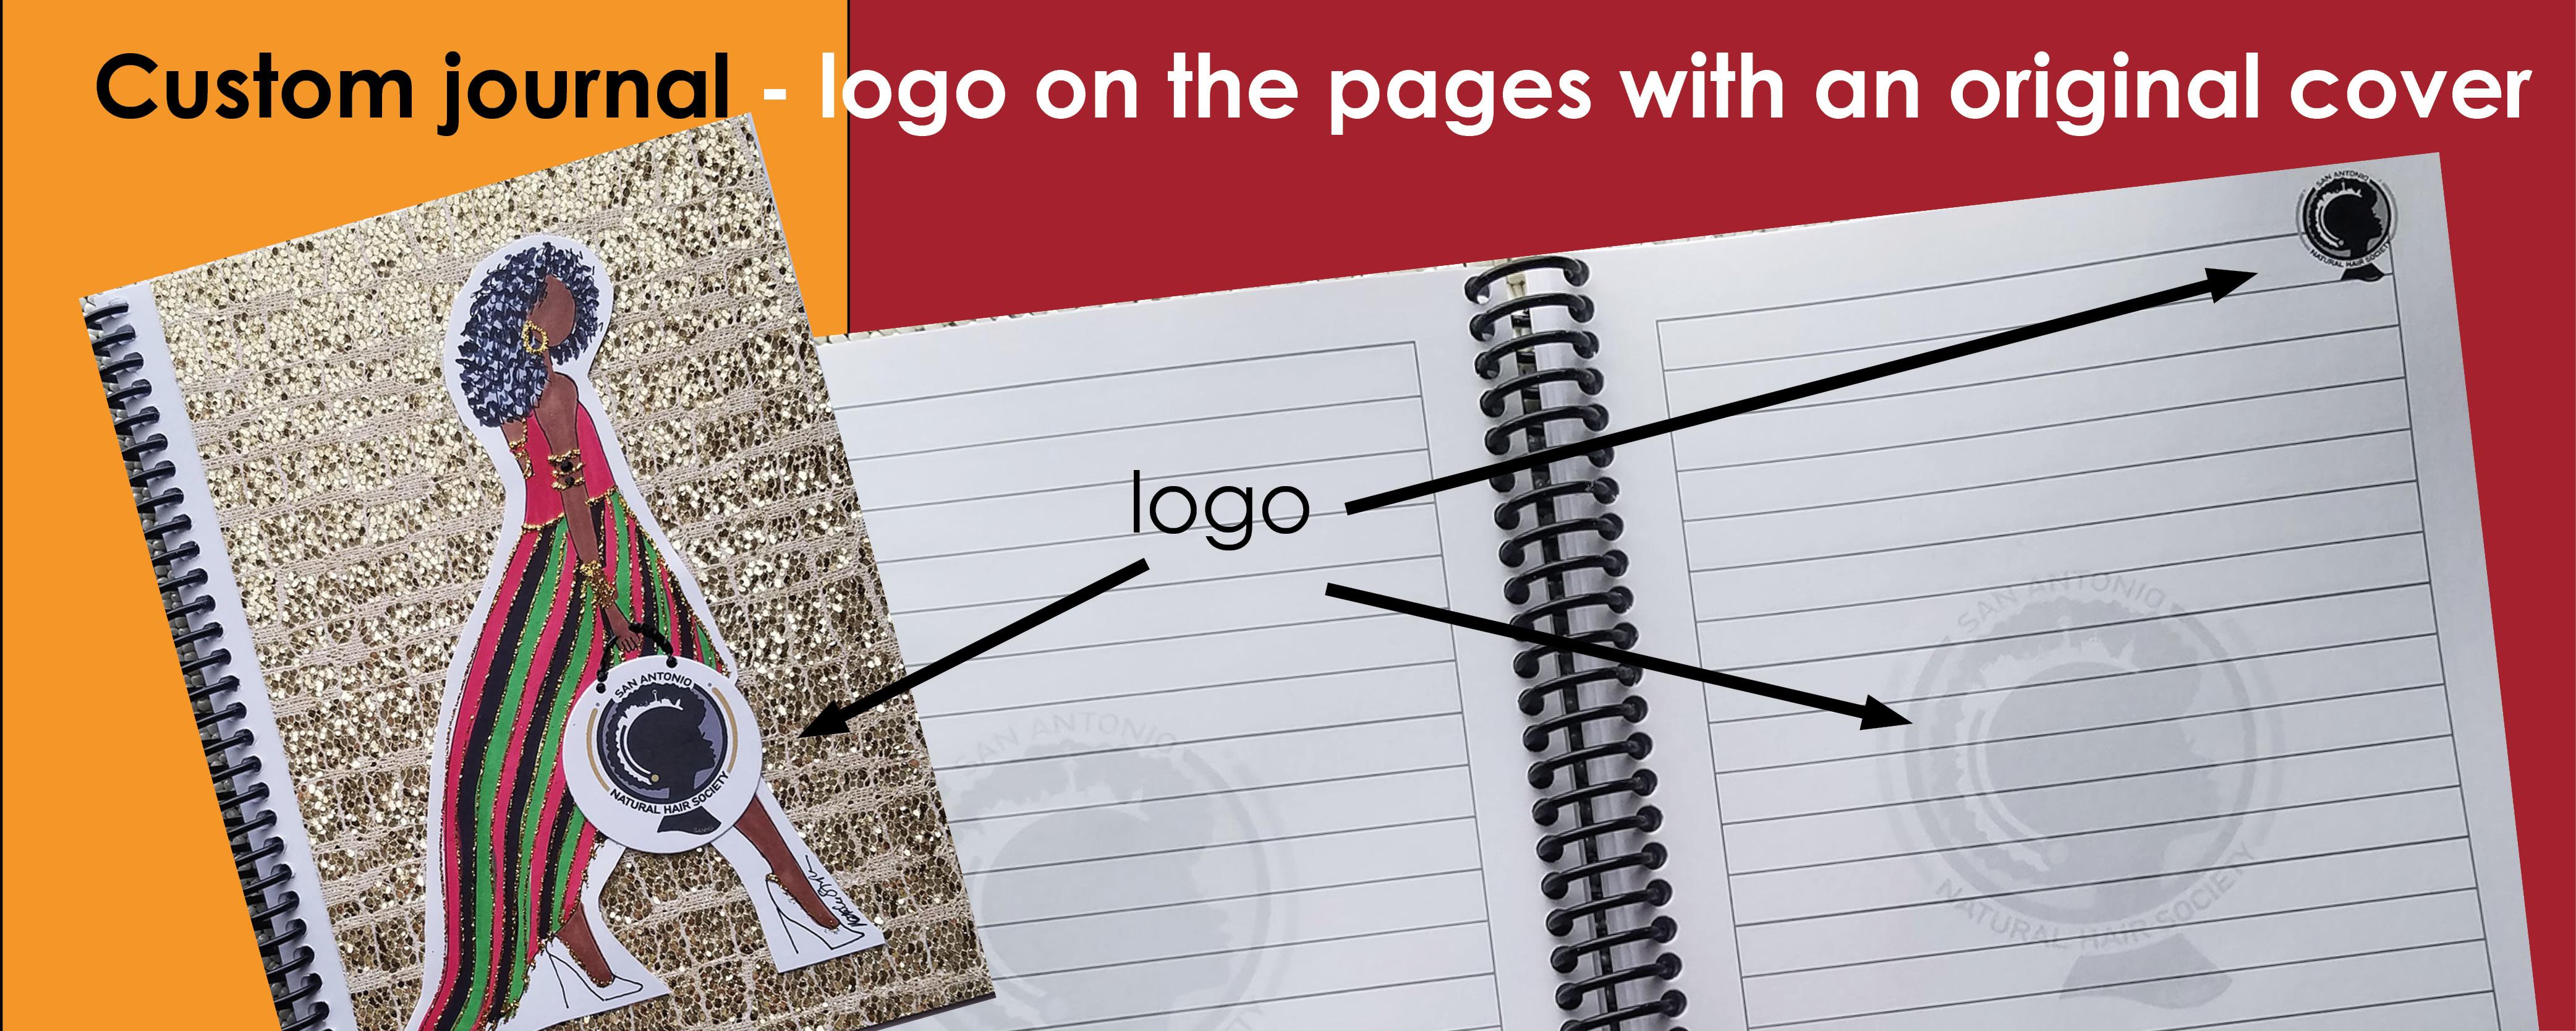 custom-journal-image2.jpg